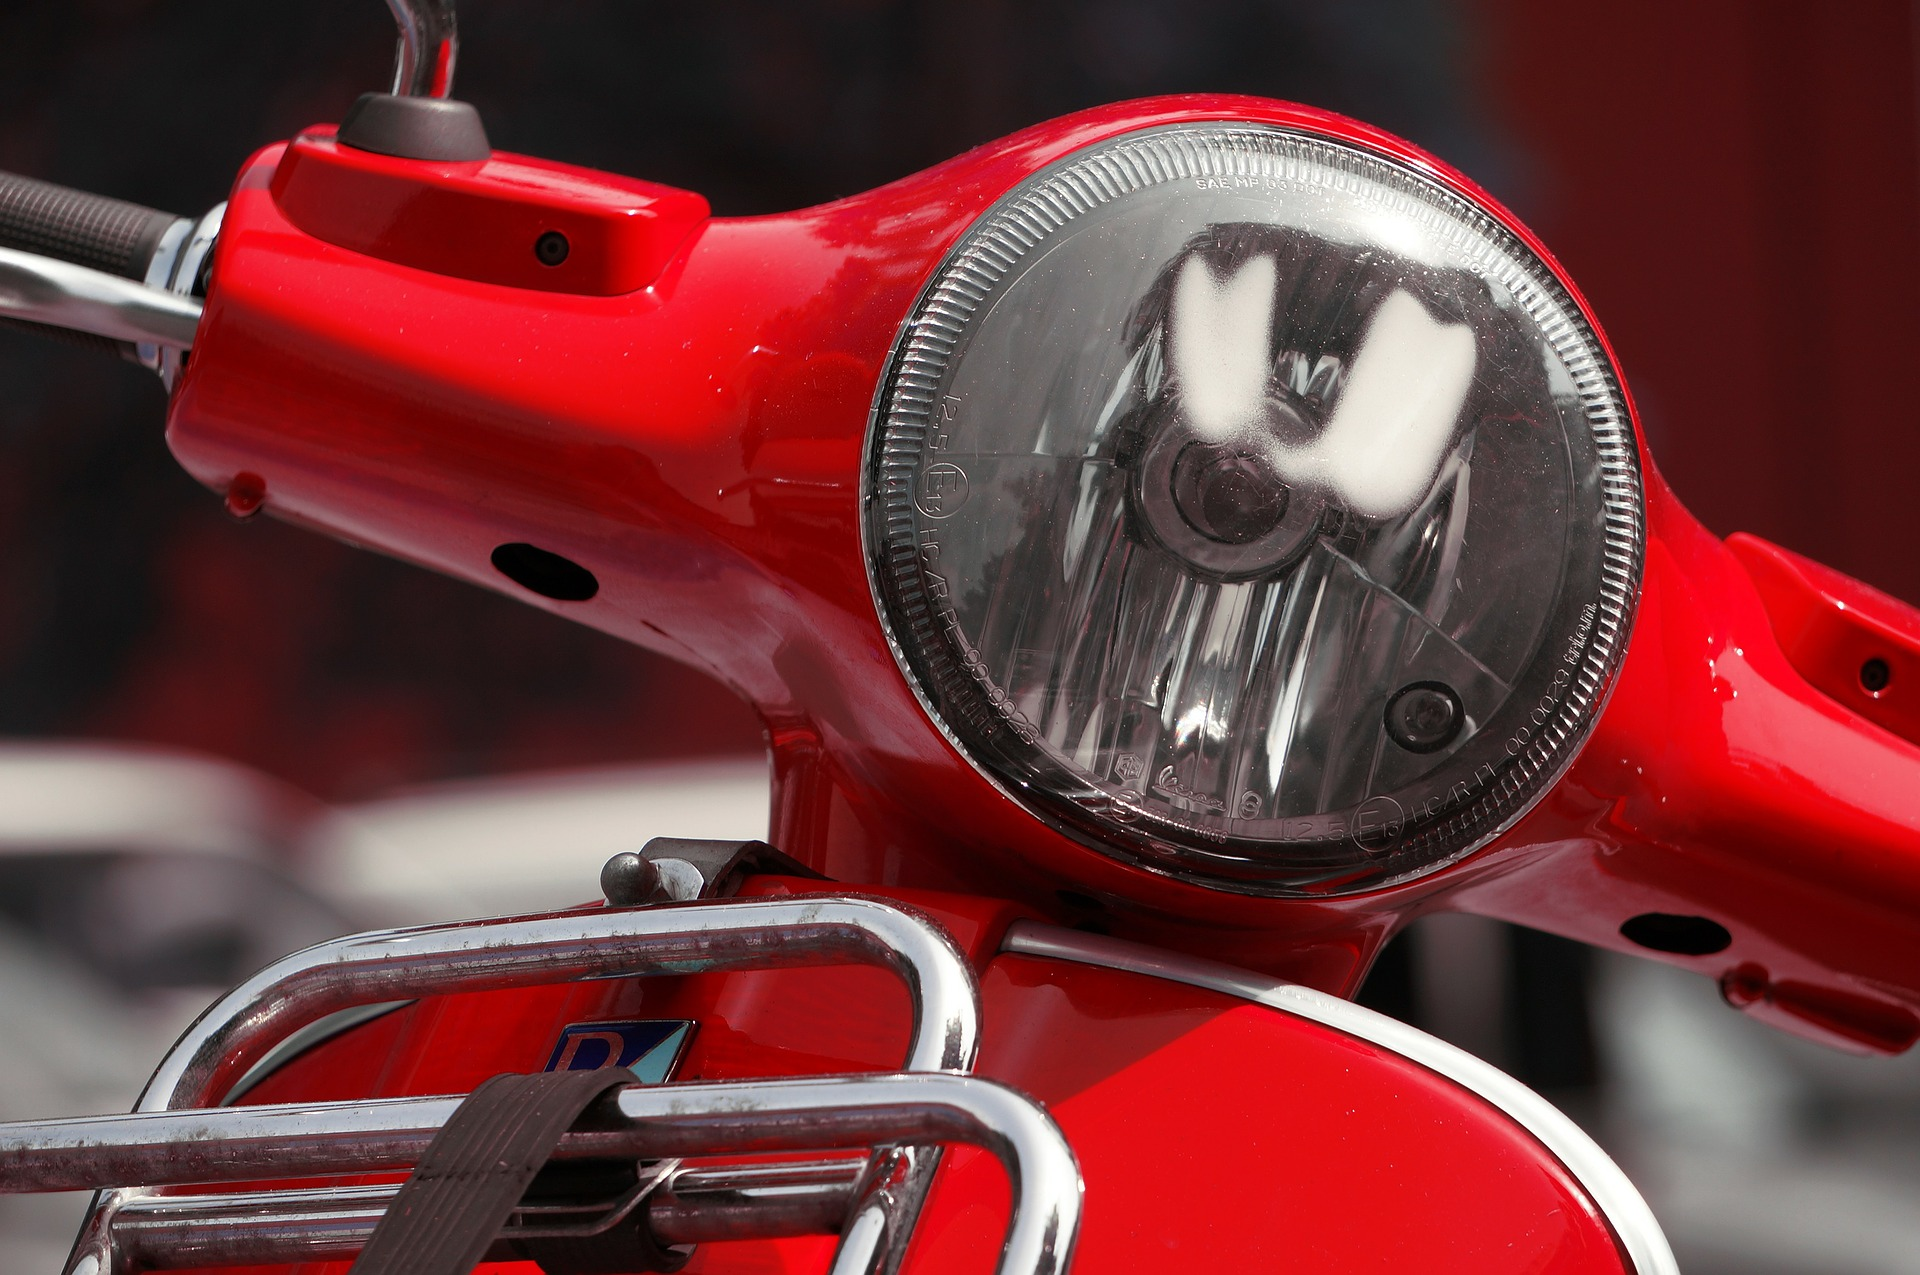 roller-334802_1920.jpg